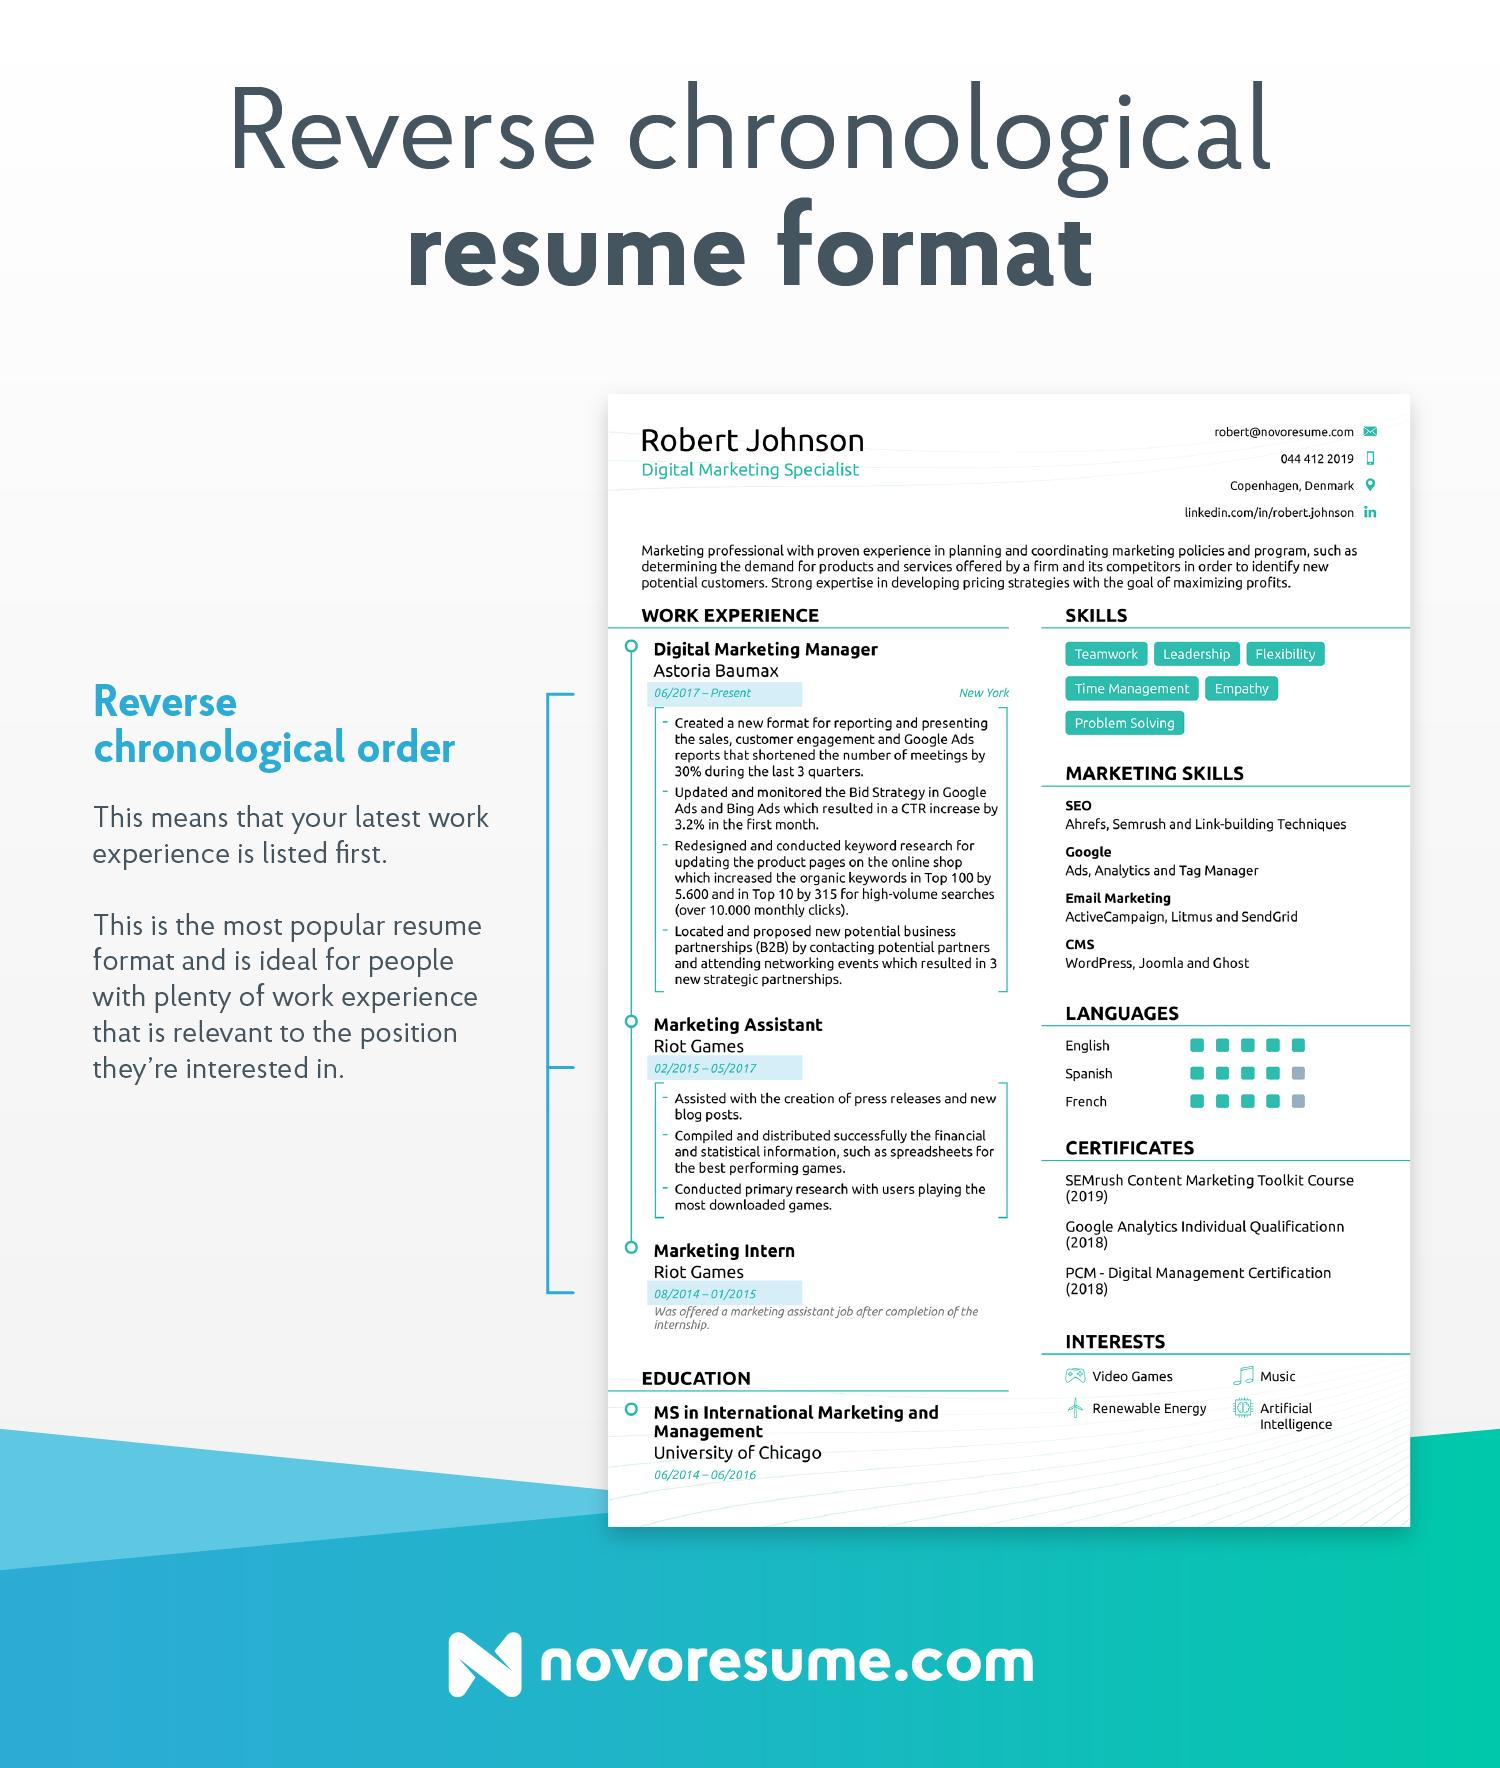 reverse chronologica template data entry resume